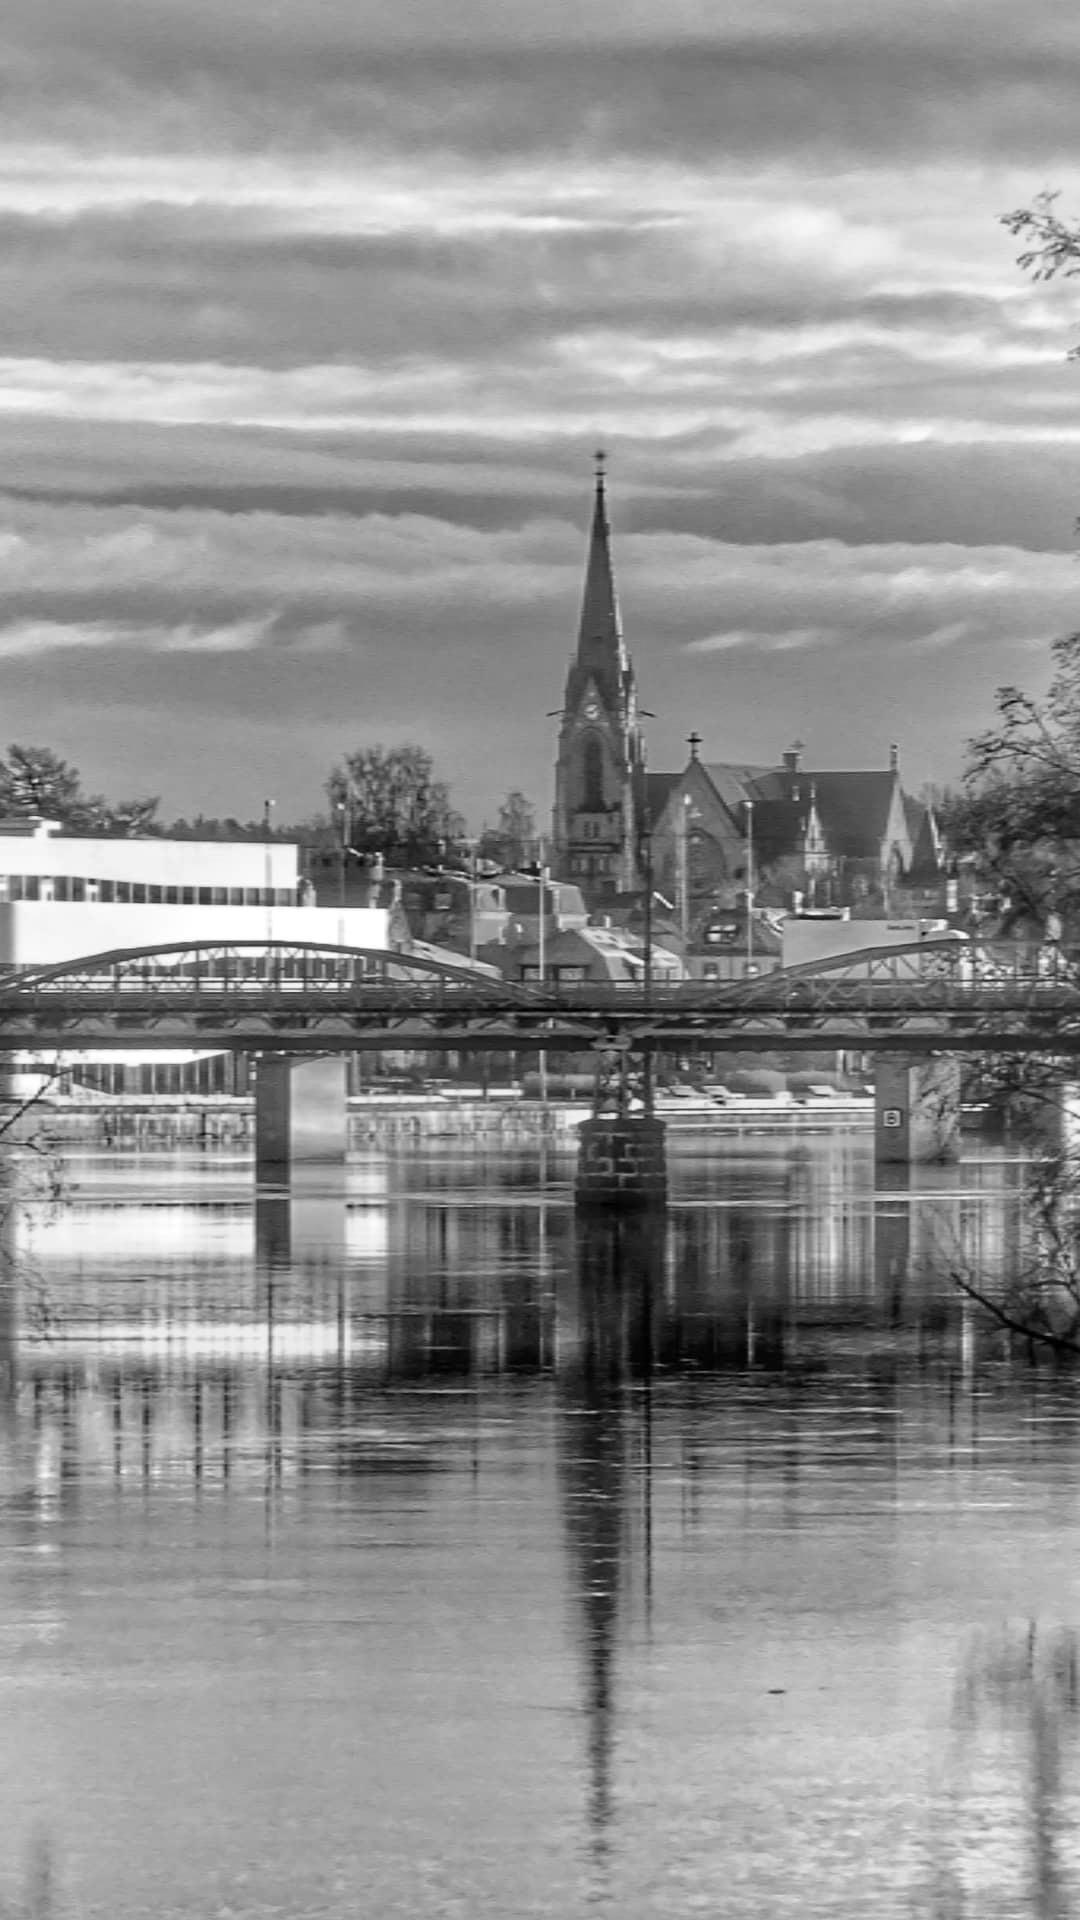 My hometown Umeå in bw  by Pelle Westberg